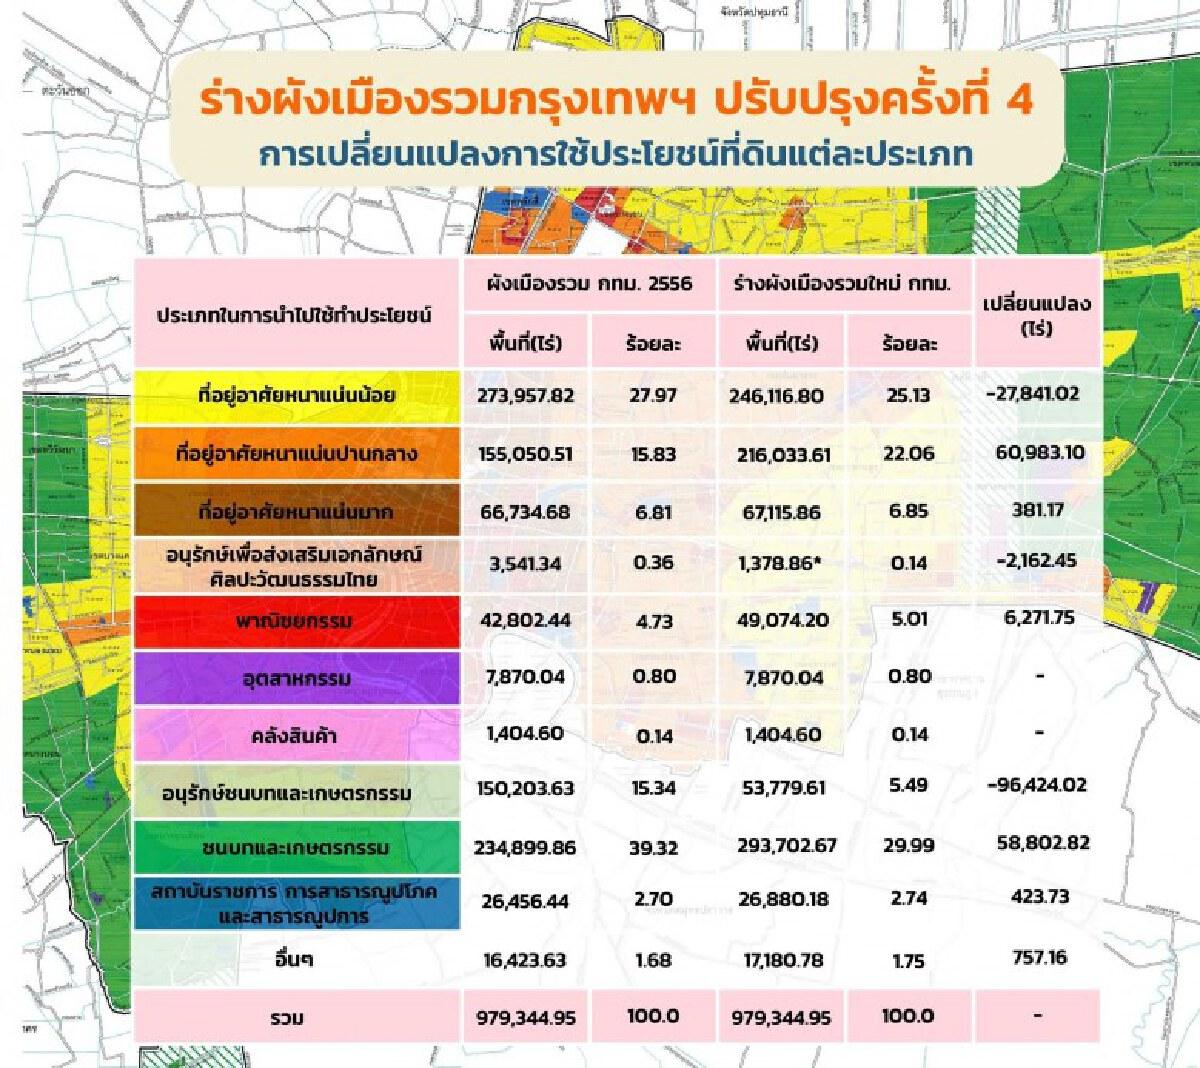 ร่างผังเมือง กทม.ใหม่ ป้องน้ำท่วม ลดแออัด พัฒนาเมือง